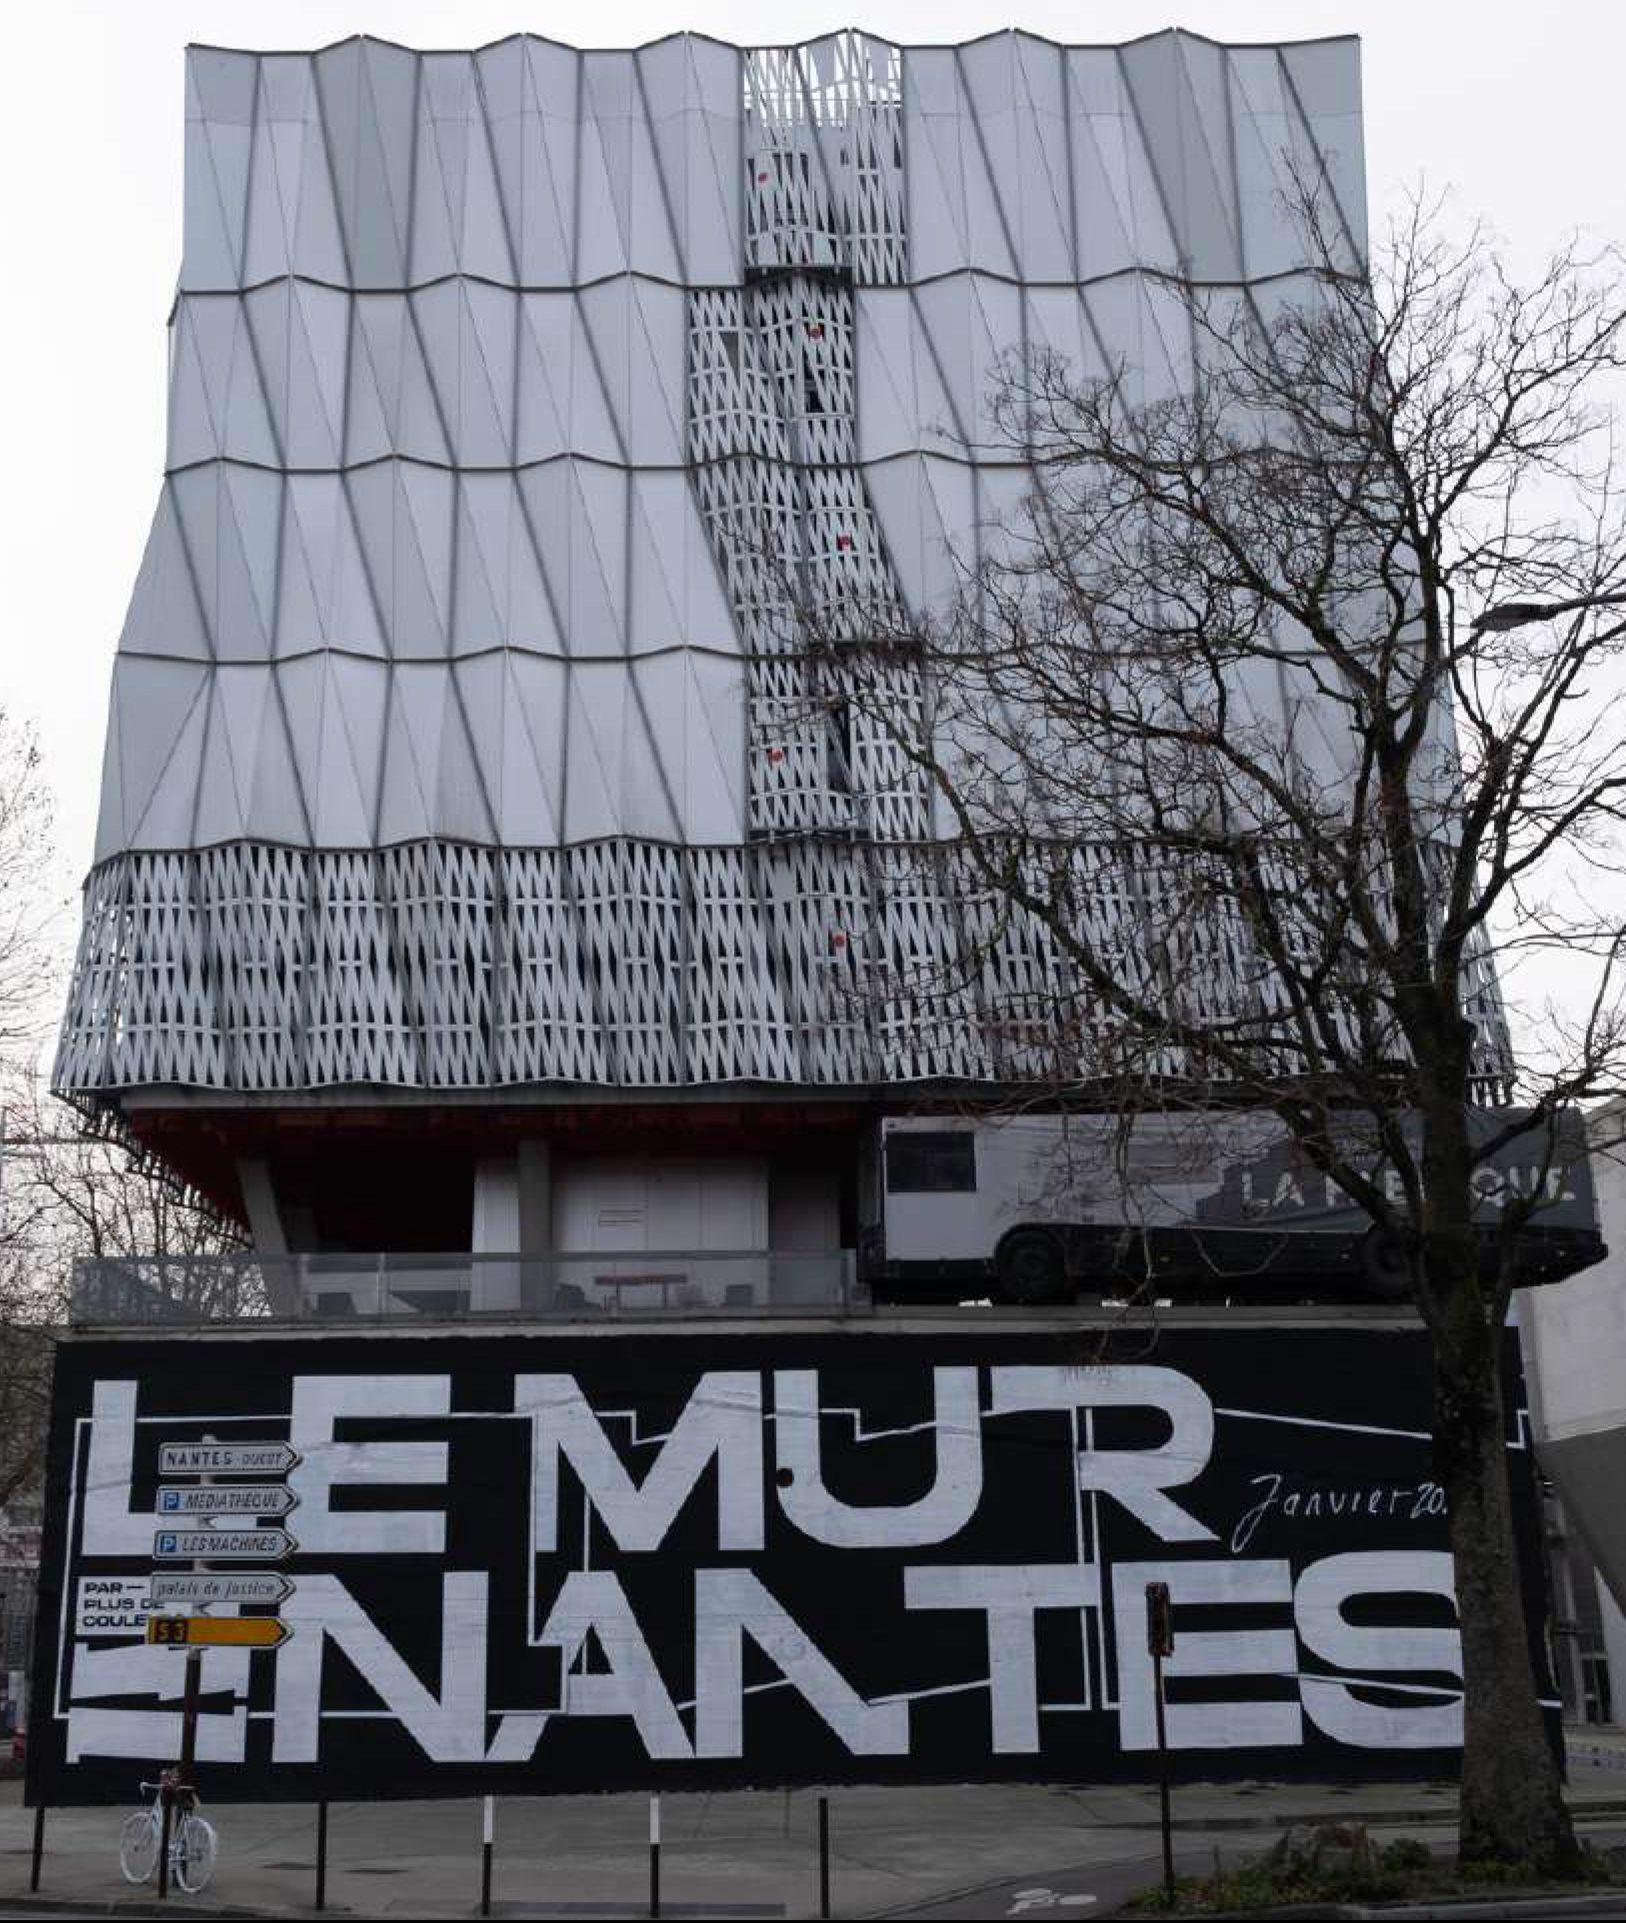 Le mur 2 e1612793549295 - Le Mur Nantes : des fresques XXL à Trempolino